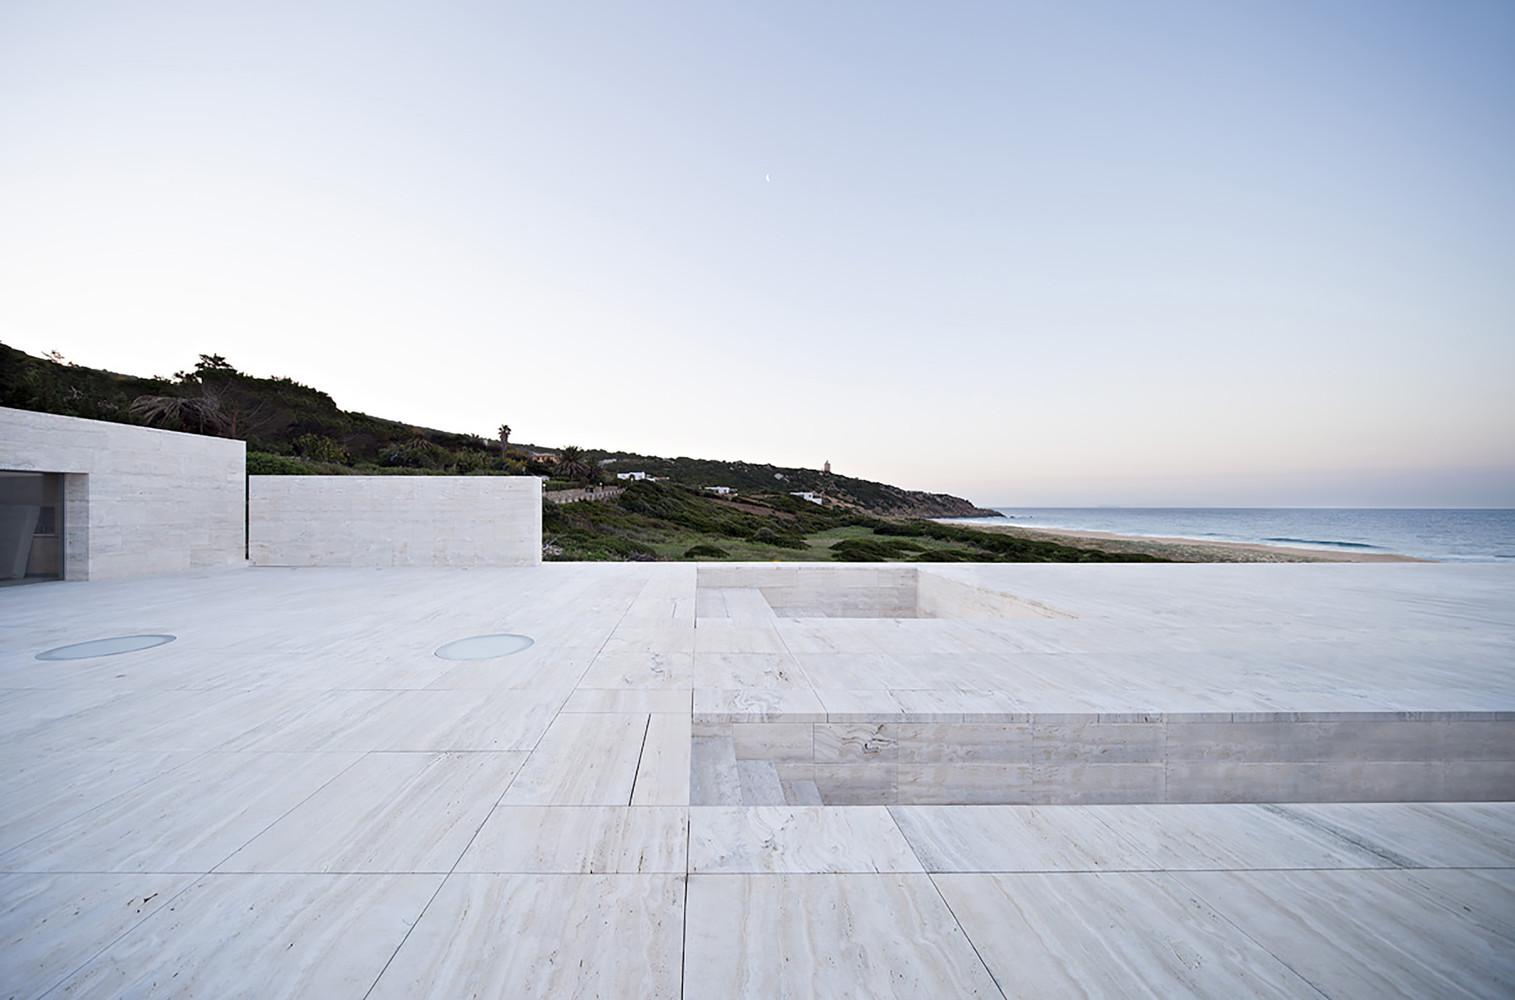 """15 5 - """"Casa del infinito"""": Horizonte espectacular de cielo y mar en Zahara de los Atunes (Cádiz)"""